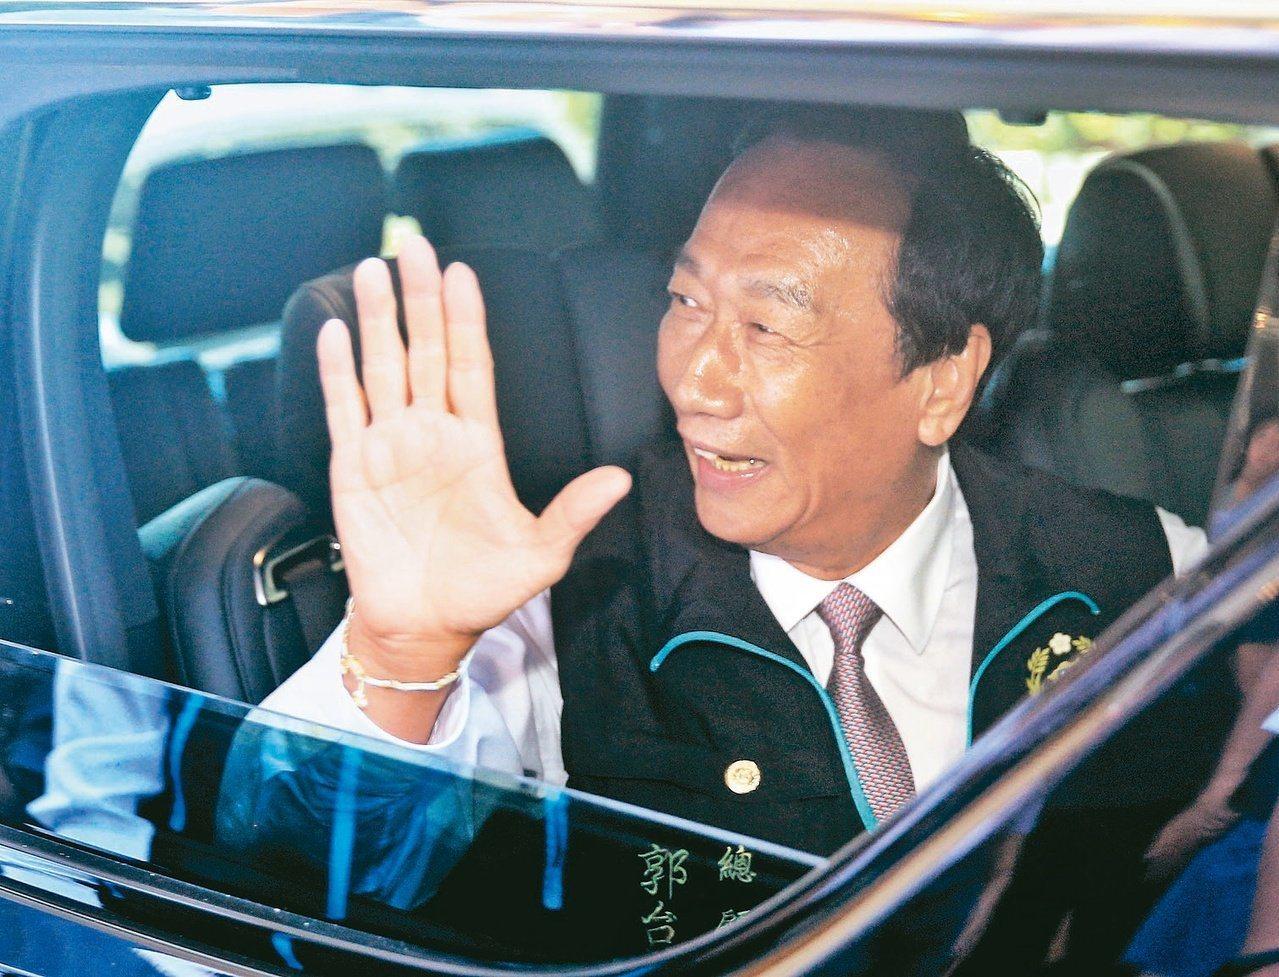 鴻海集團創辦人郭台銘昨晚宣布不參與2020連署競選總統,果凍粉哀號表示絕不轉支持...